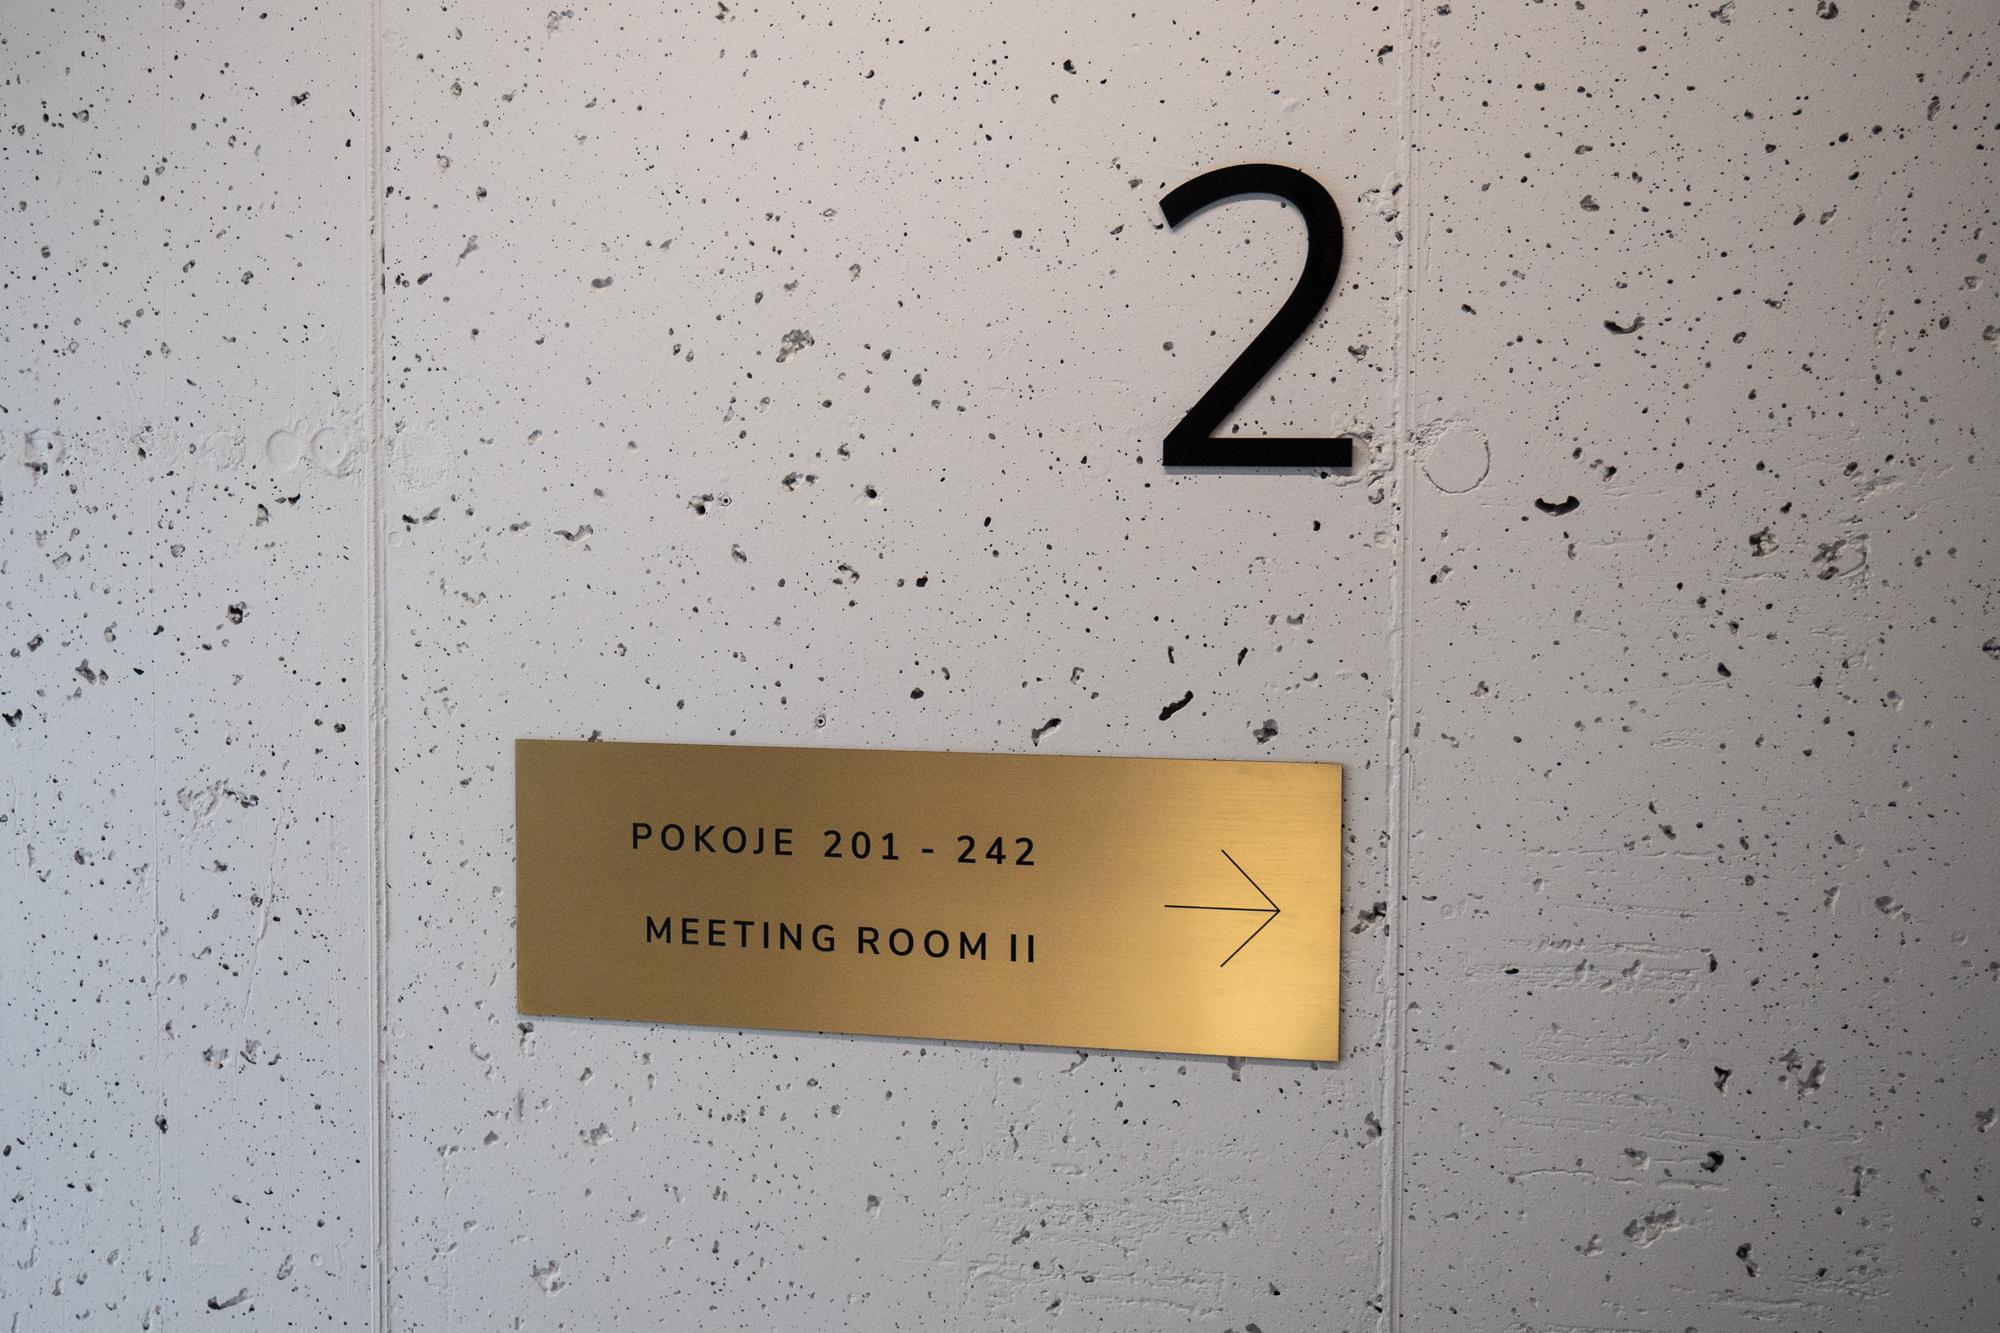 Oznaczenia pięter z tabliczką kierunkową